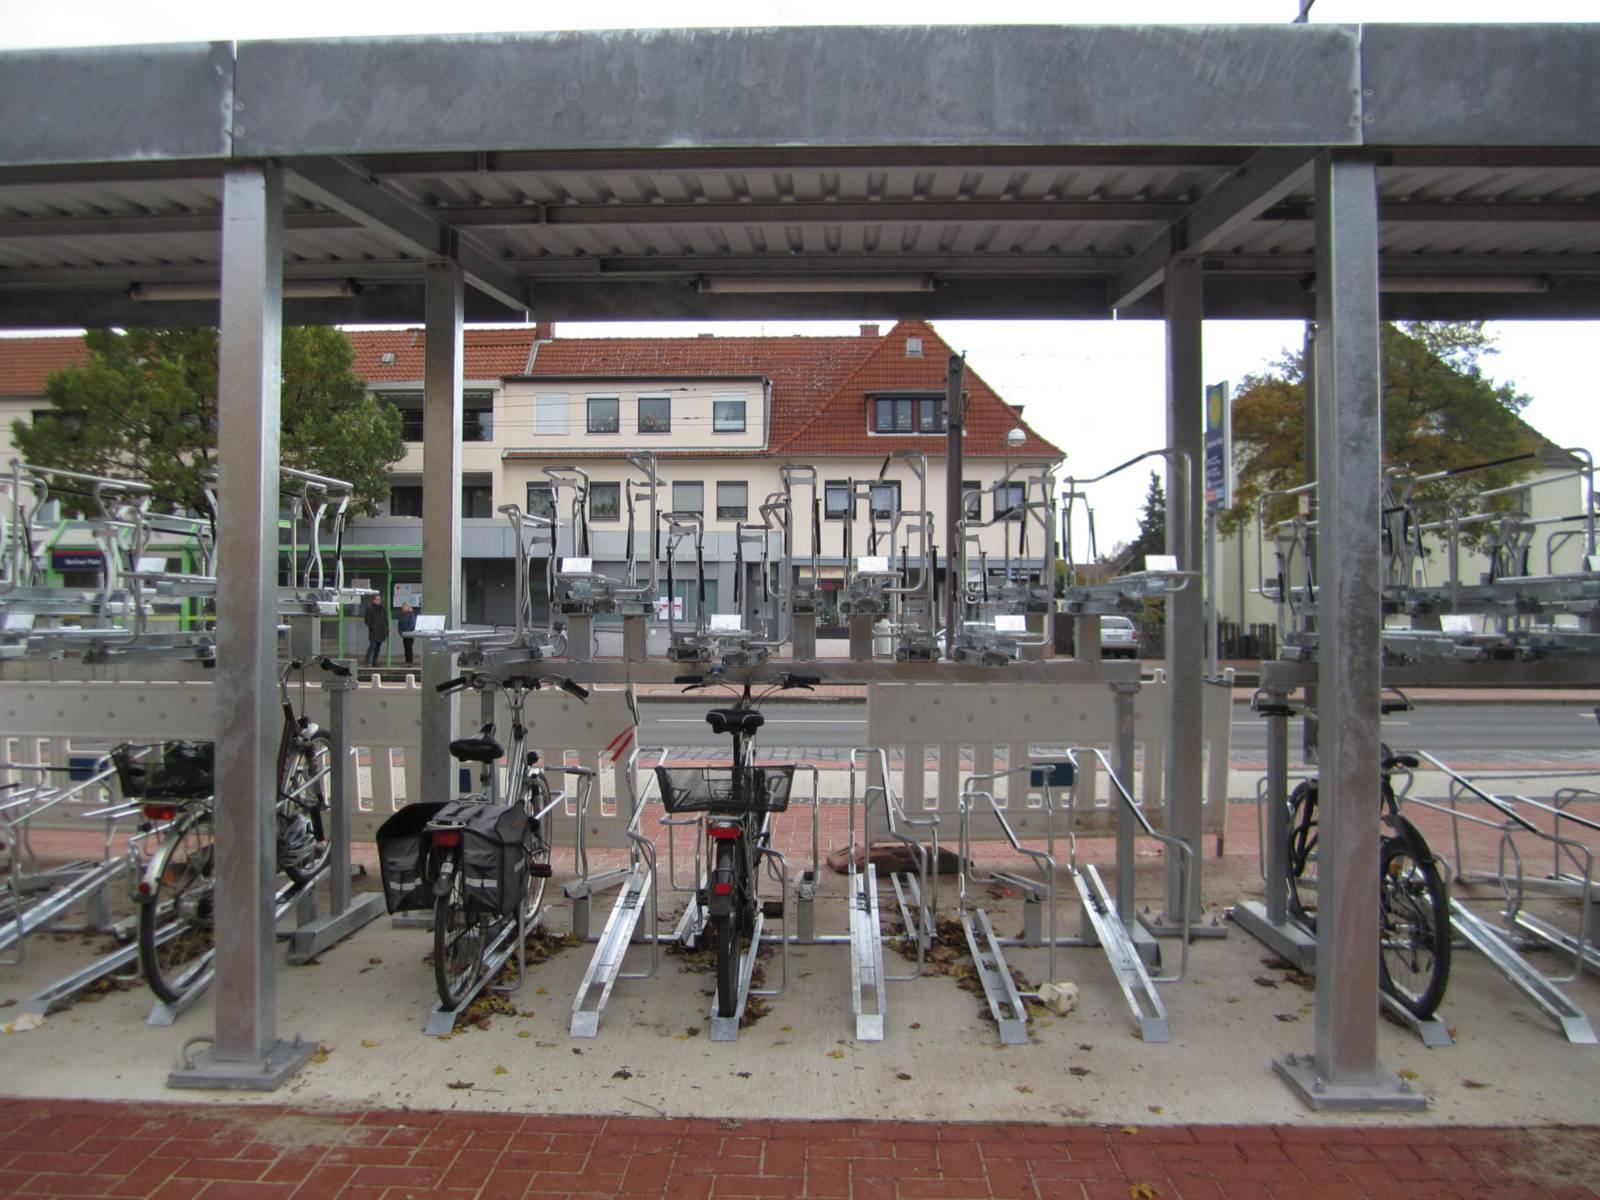 Ein neuer Fahrradständer mit einigen geparkten Fahrrädern